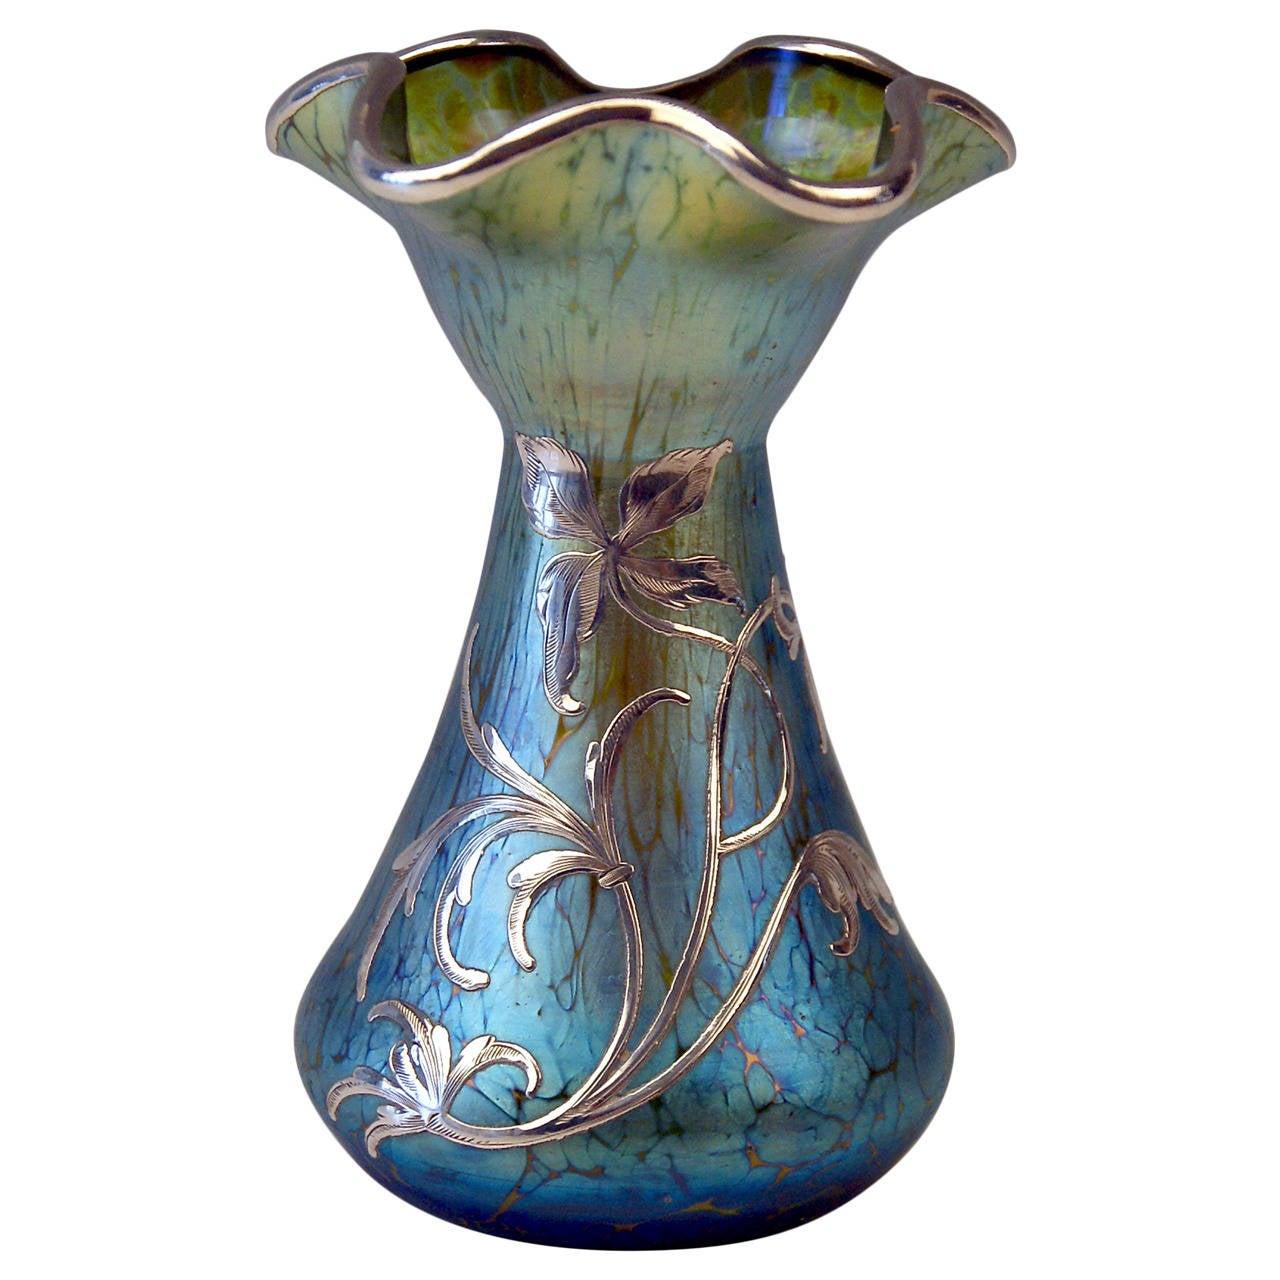 Vase loetz widow art nouveau cobalt papillon silver overlay circa vase loetz widow art nouveau cobalt papillon silver overlay circa 1900 for sale reviewsmspy